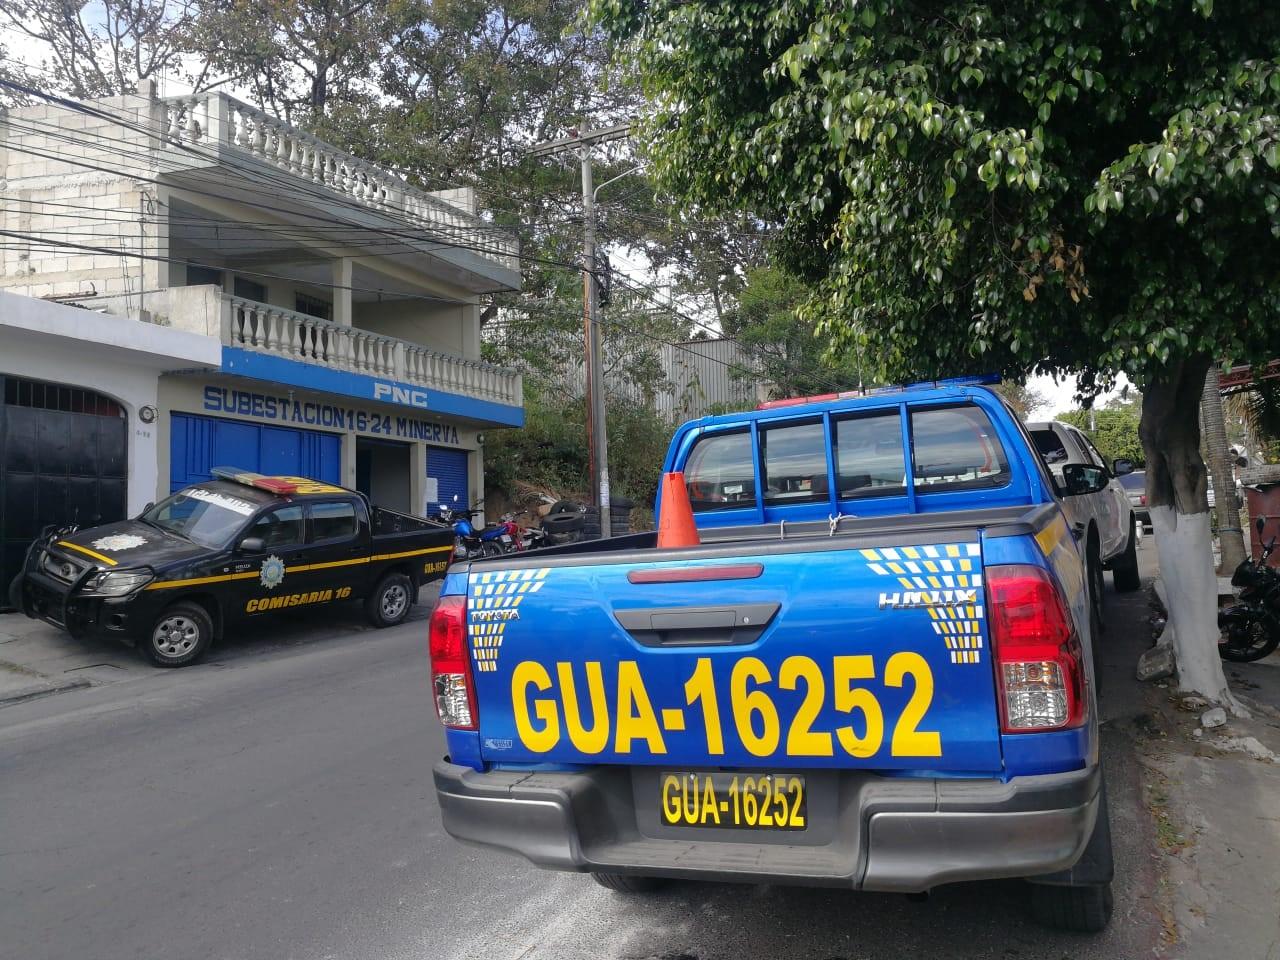 El autopatrulla GUA-16252 fue en la que los policías efectuaron el operativo en el que se detuvo al hijo del diputado Juan Ramón Lau. (Foto Prensa Libre: Edwin Pitán)